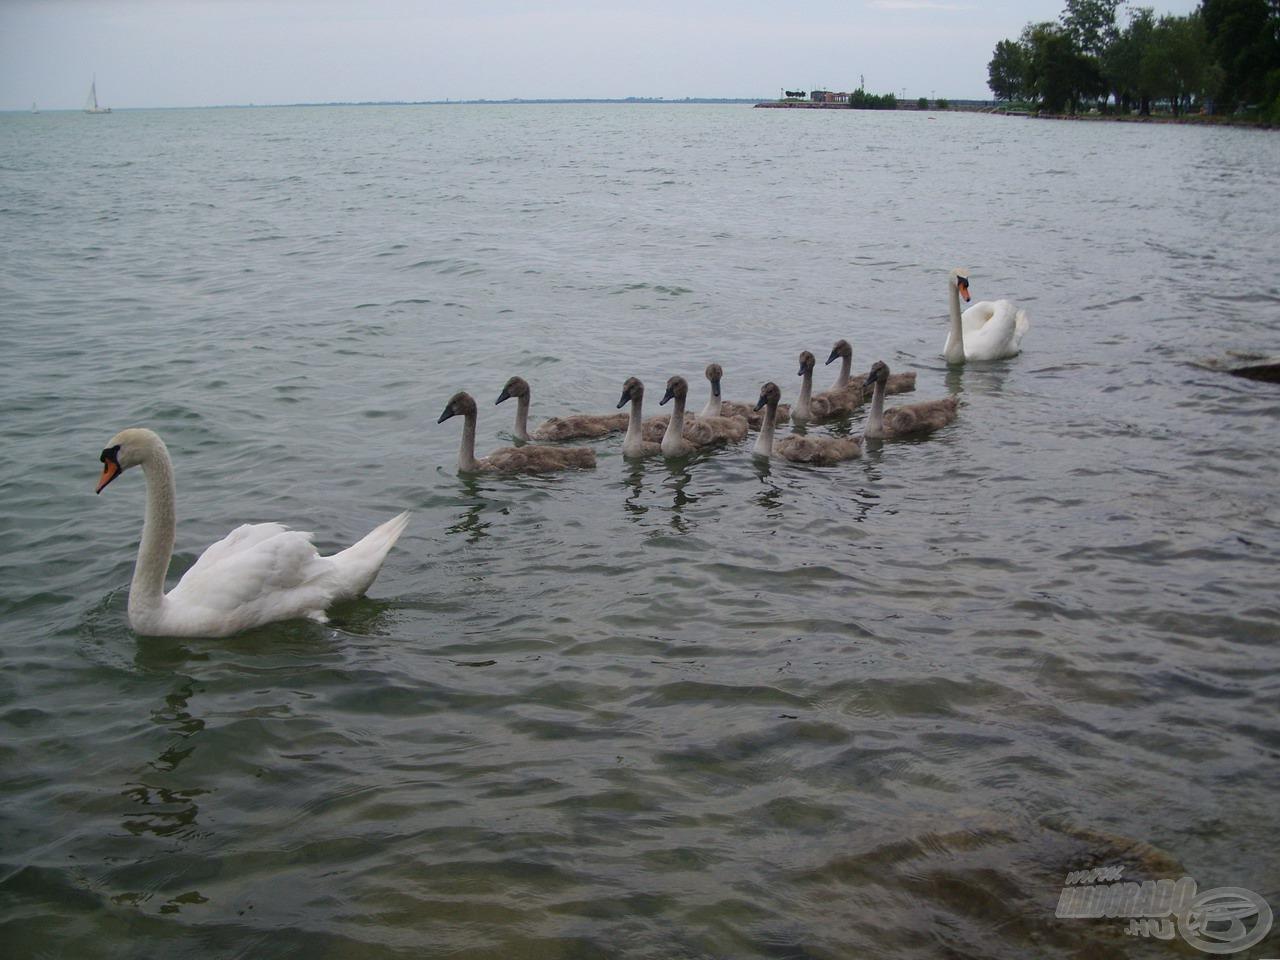 Autentikus balatoni vízimadaraknak számítanak a bütykös hattyúk. Ez a család a part közelében keresgélt táplálék után, miközben a szülők gondosan óvták kicsinyeiket. Nem is örültek nekem, mikor a közelükbe merészkedtem… :-)